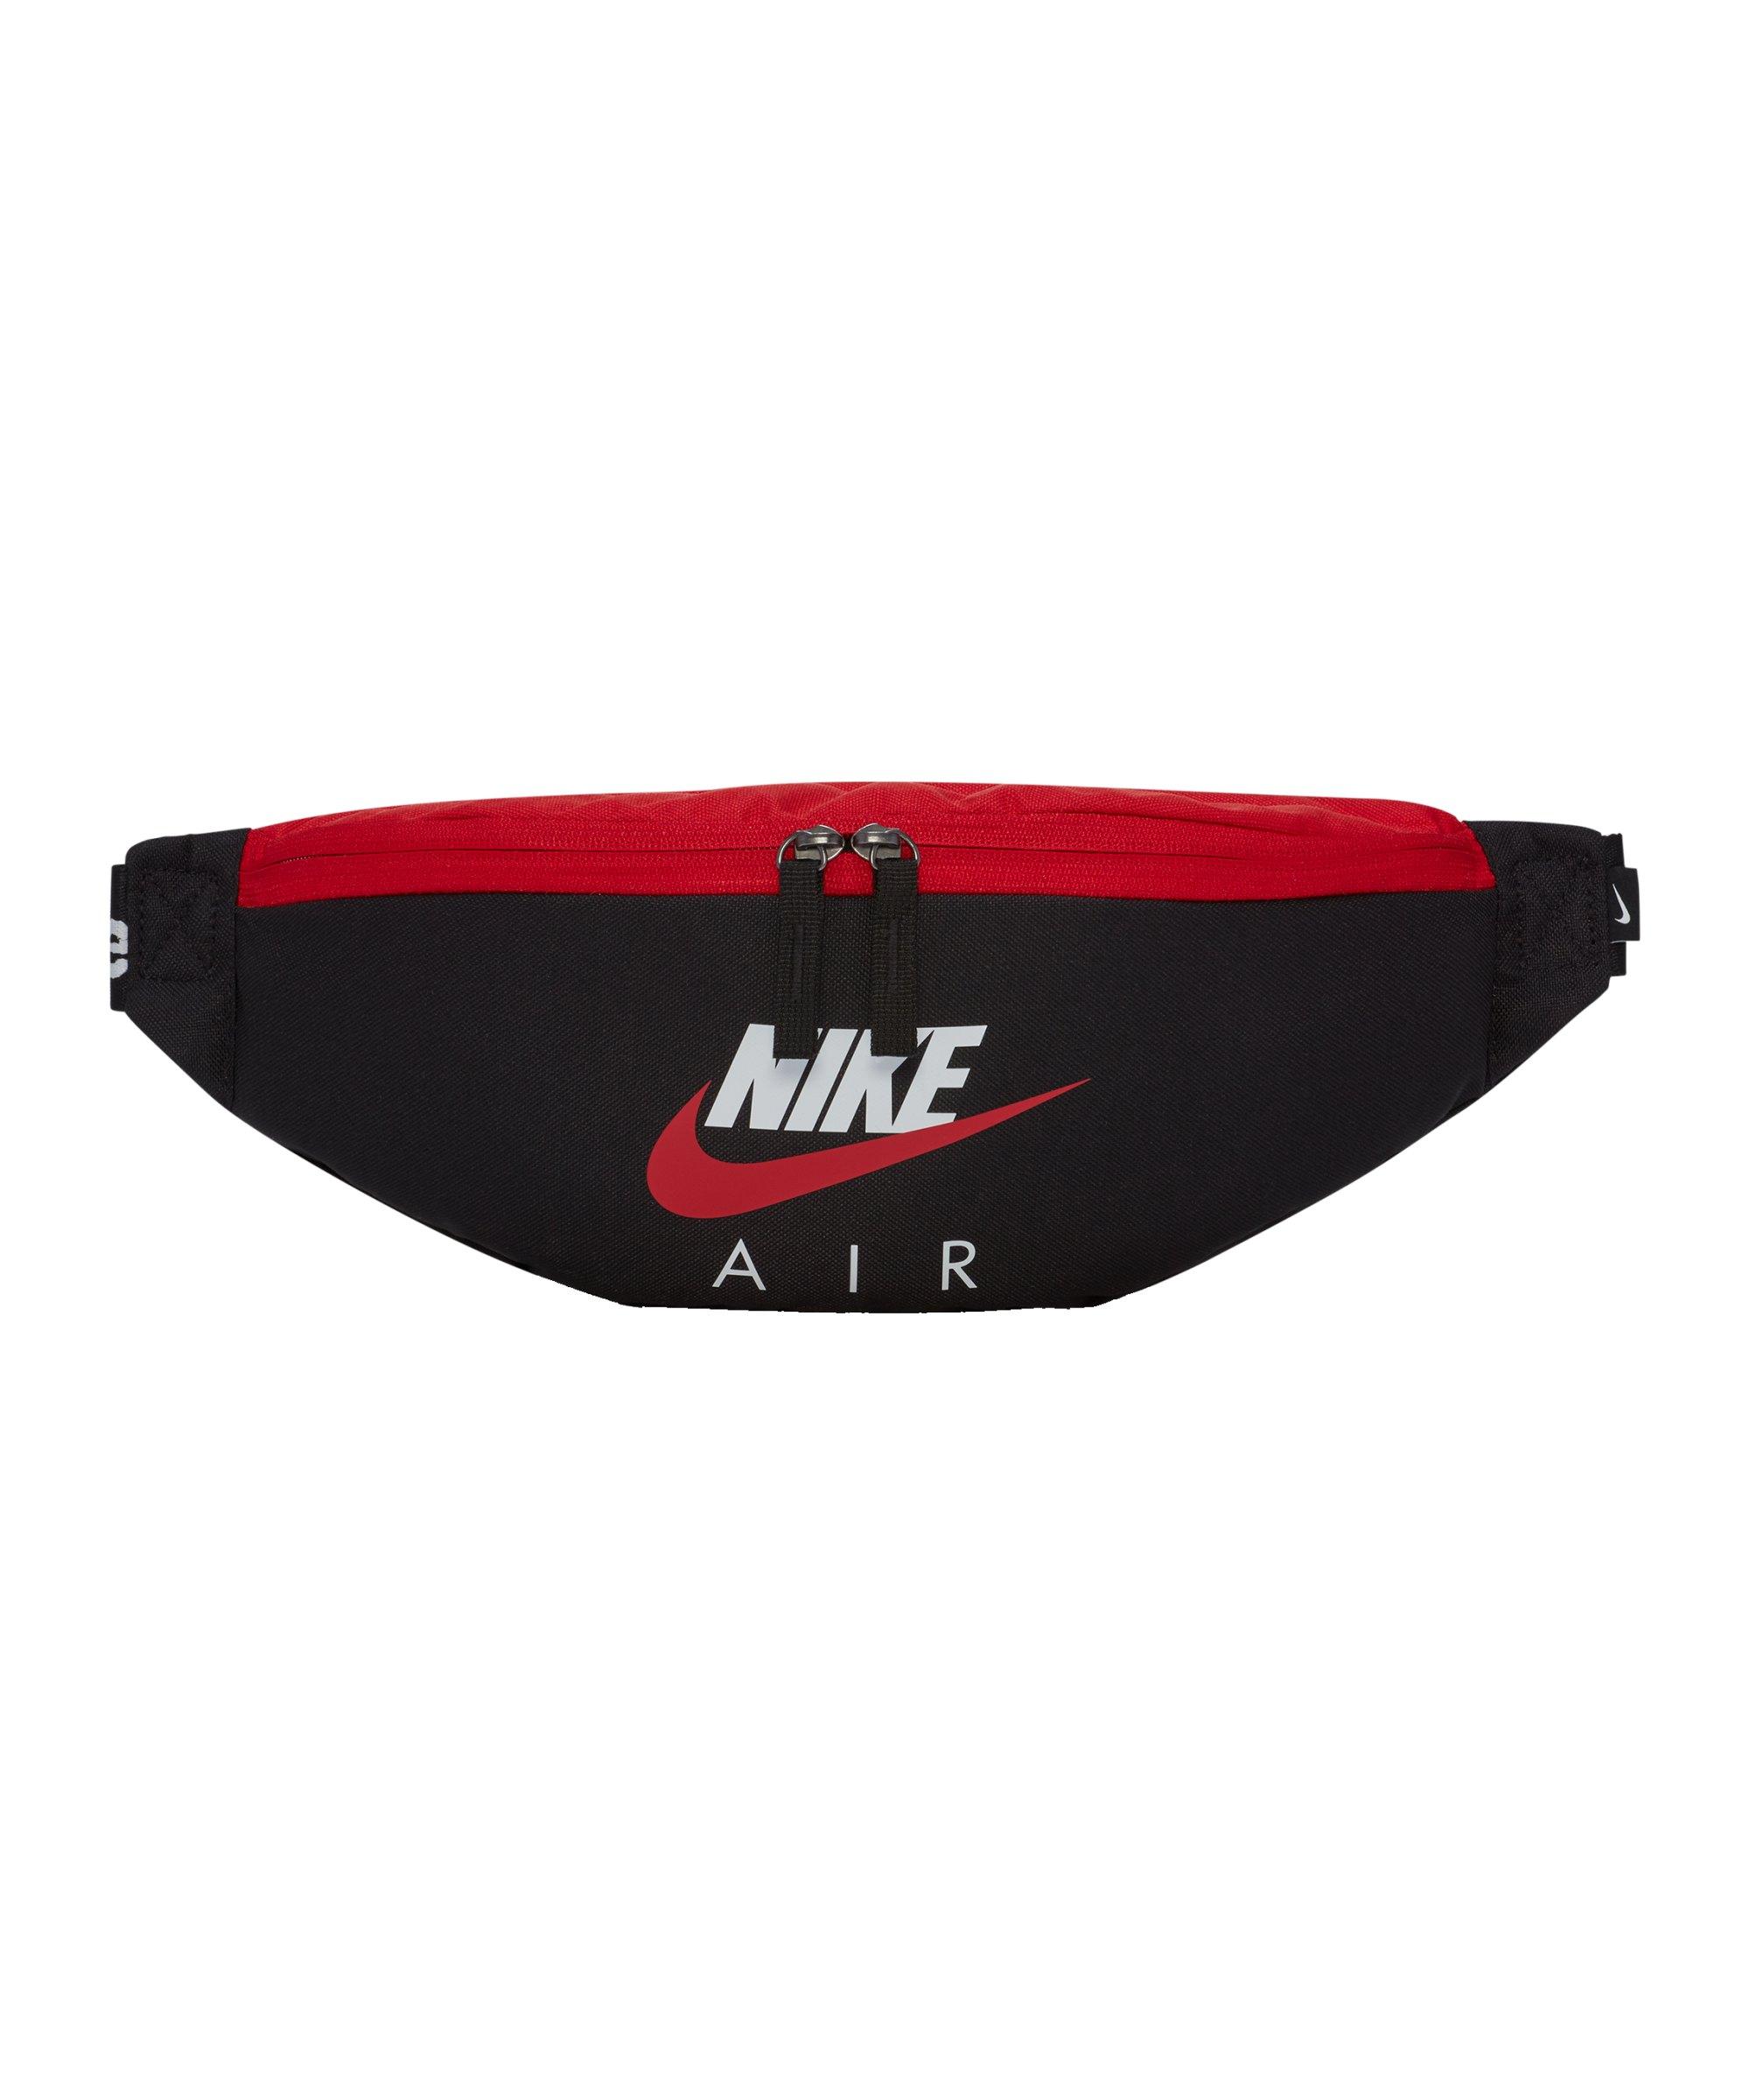 Nike Hüfttasche Schwarz F011 - schwarz